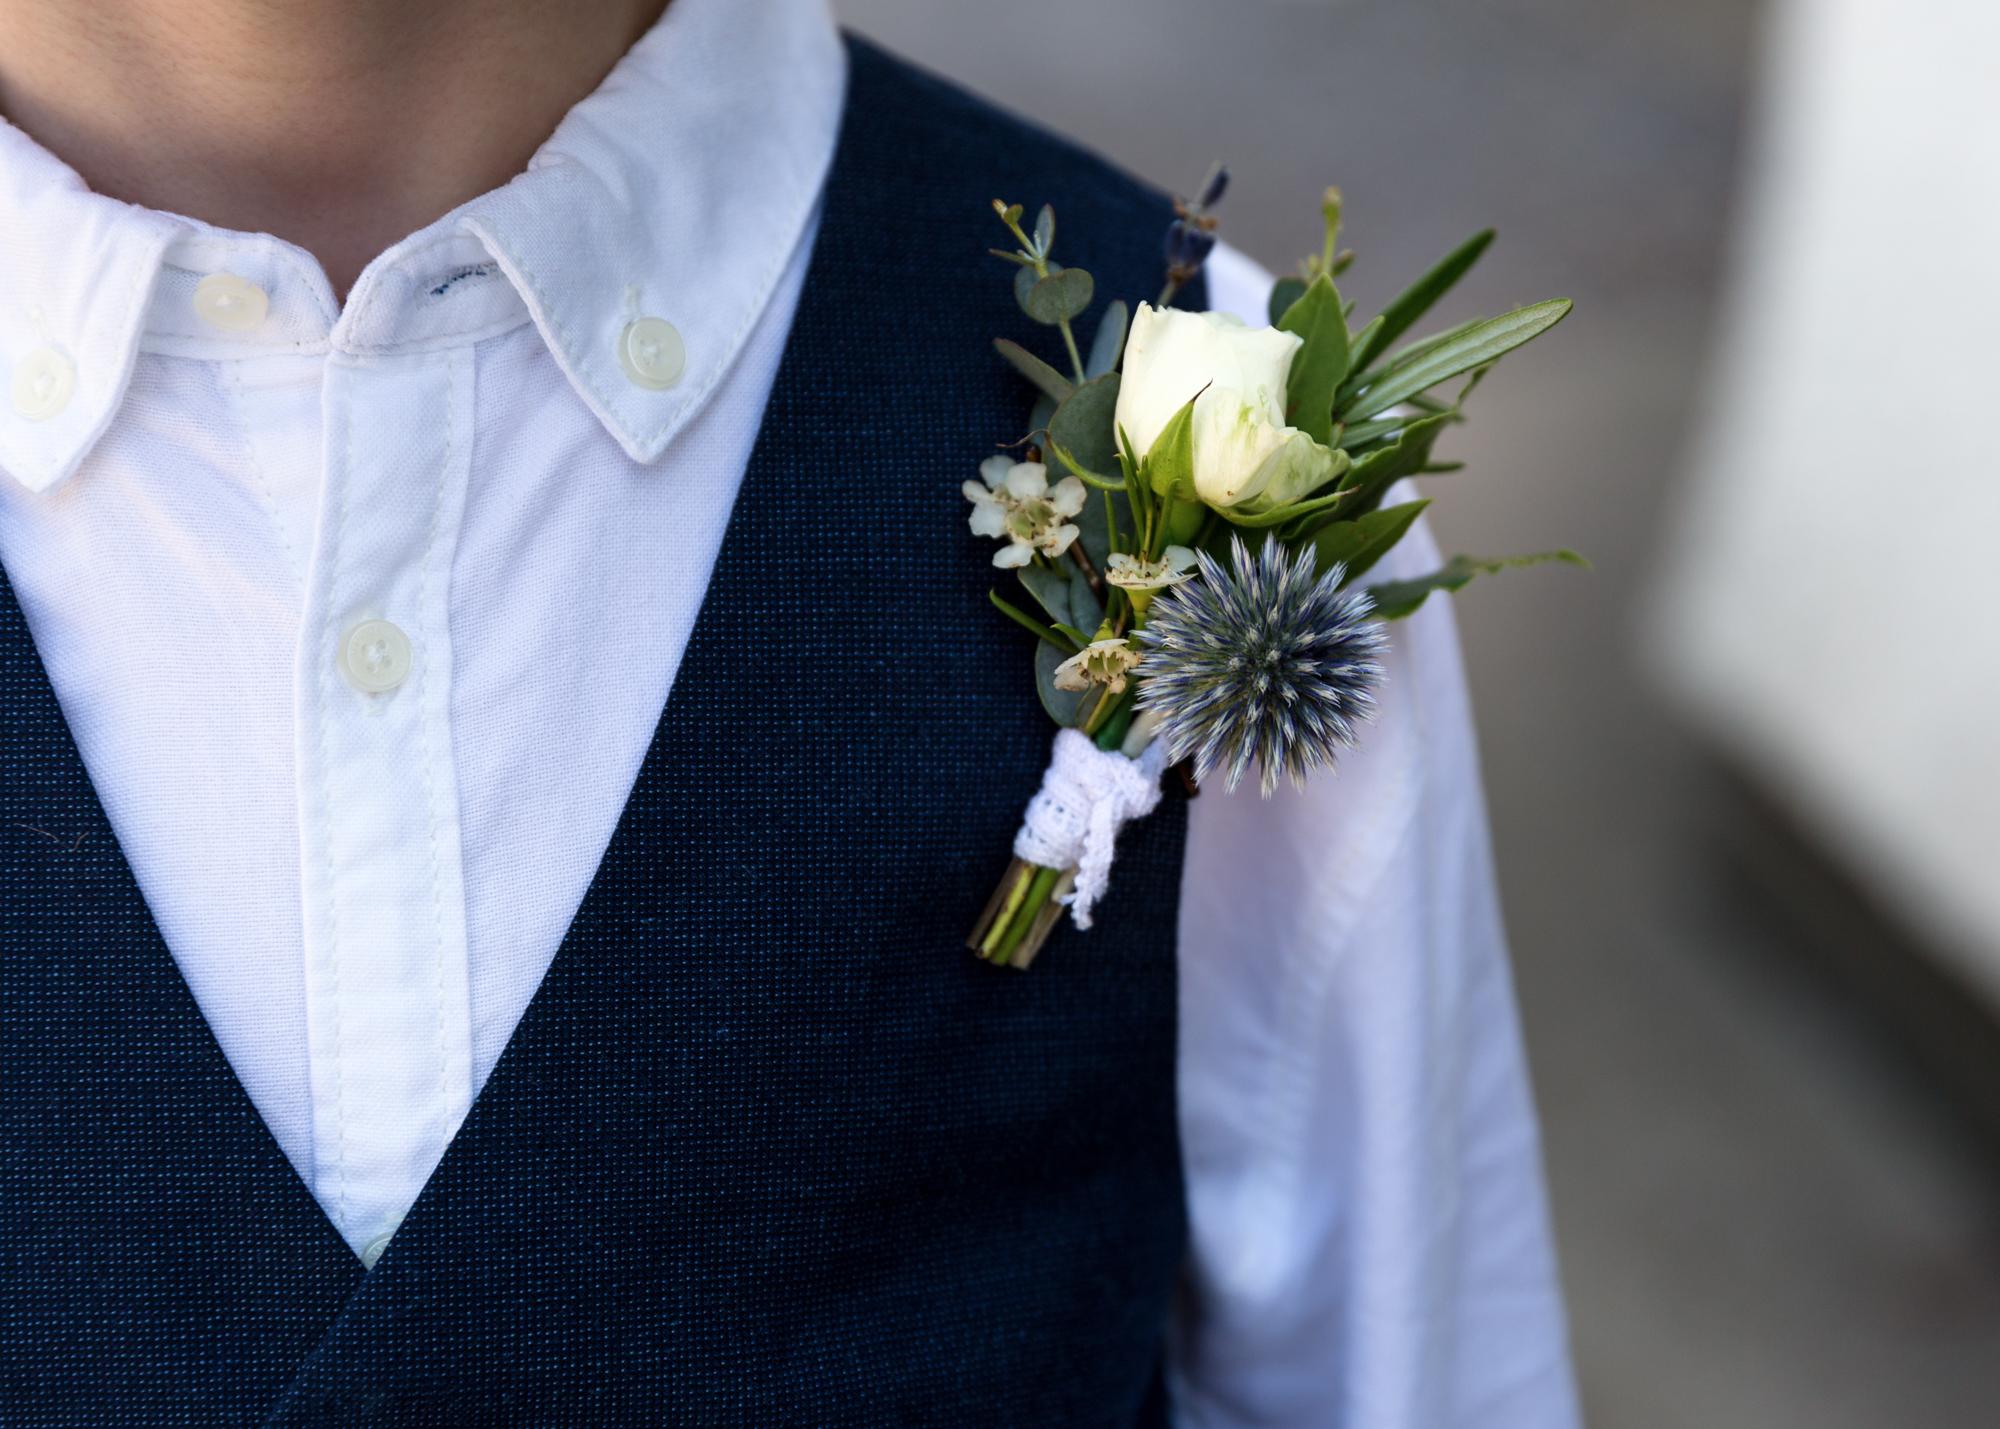 llechwen Hall flowers wedding photographer